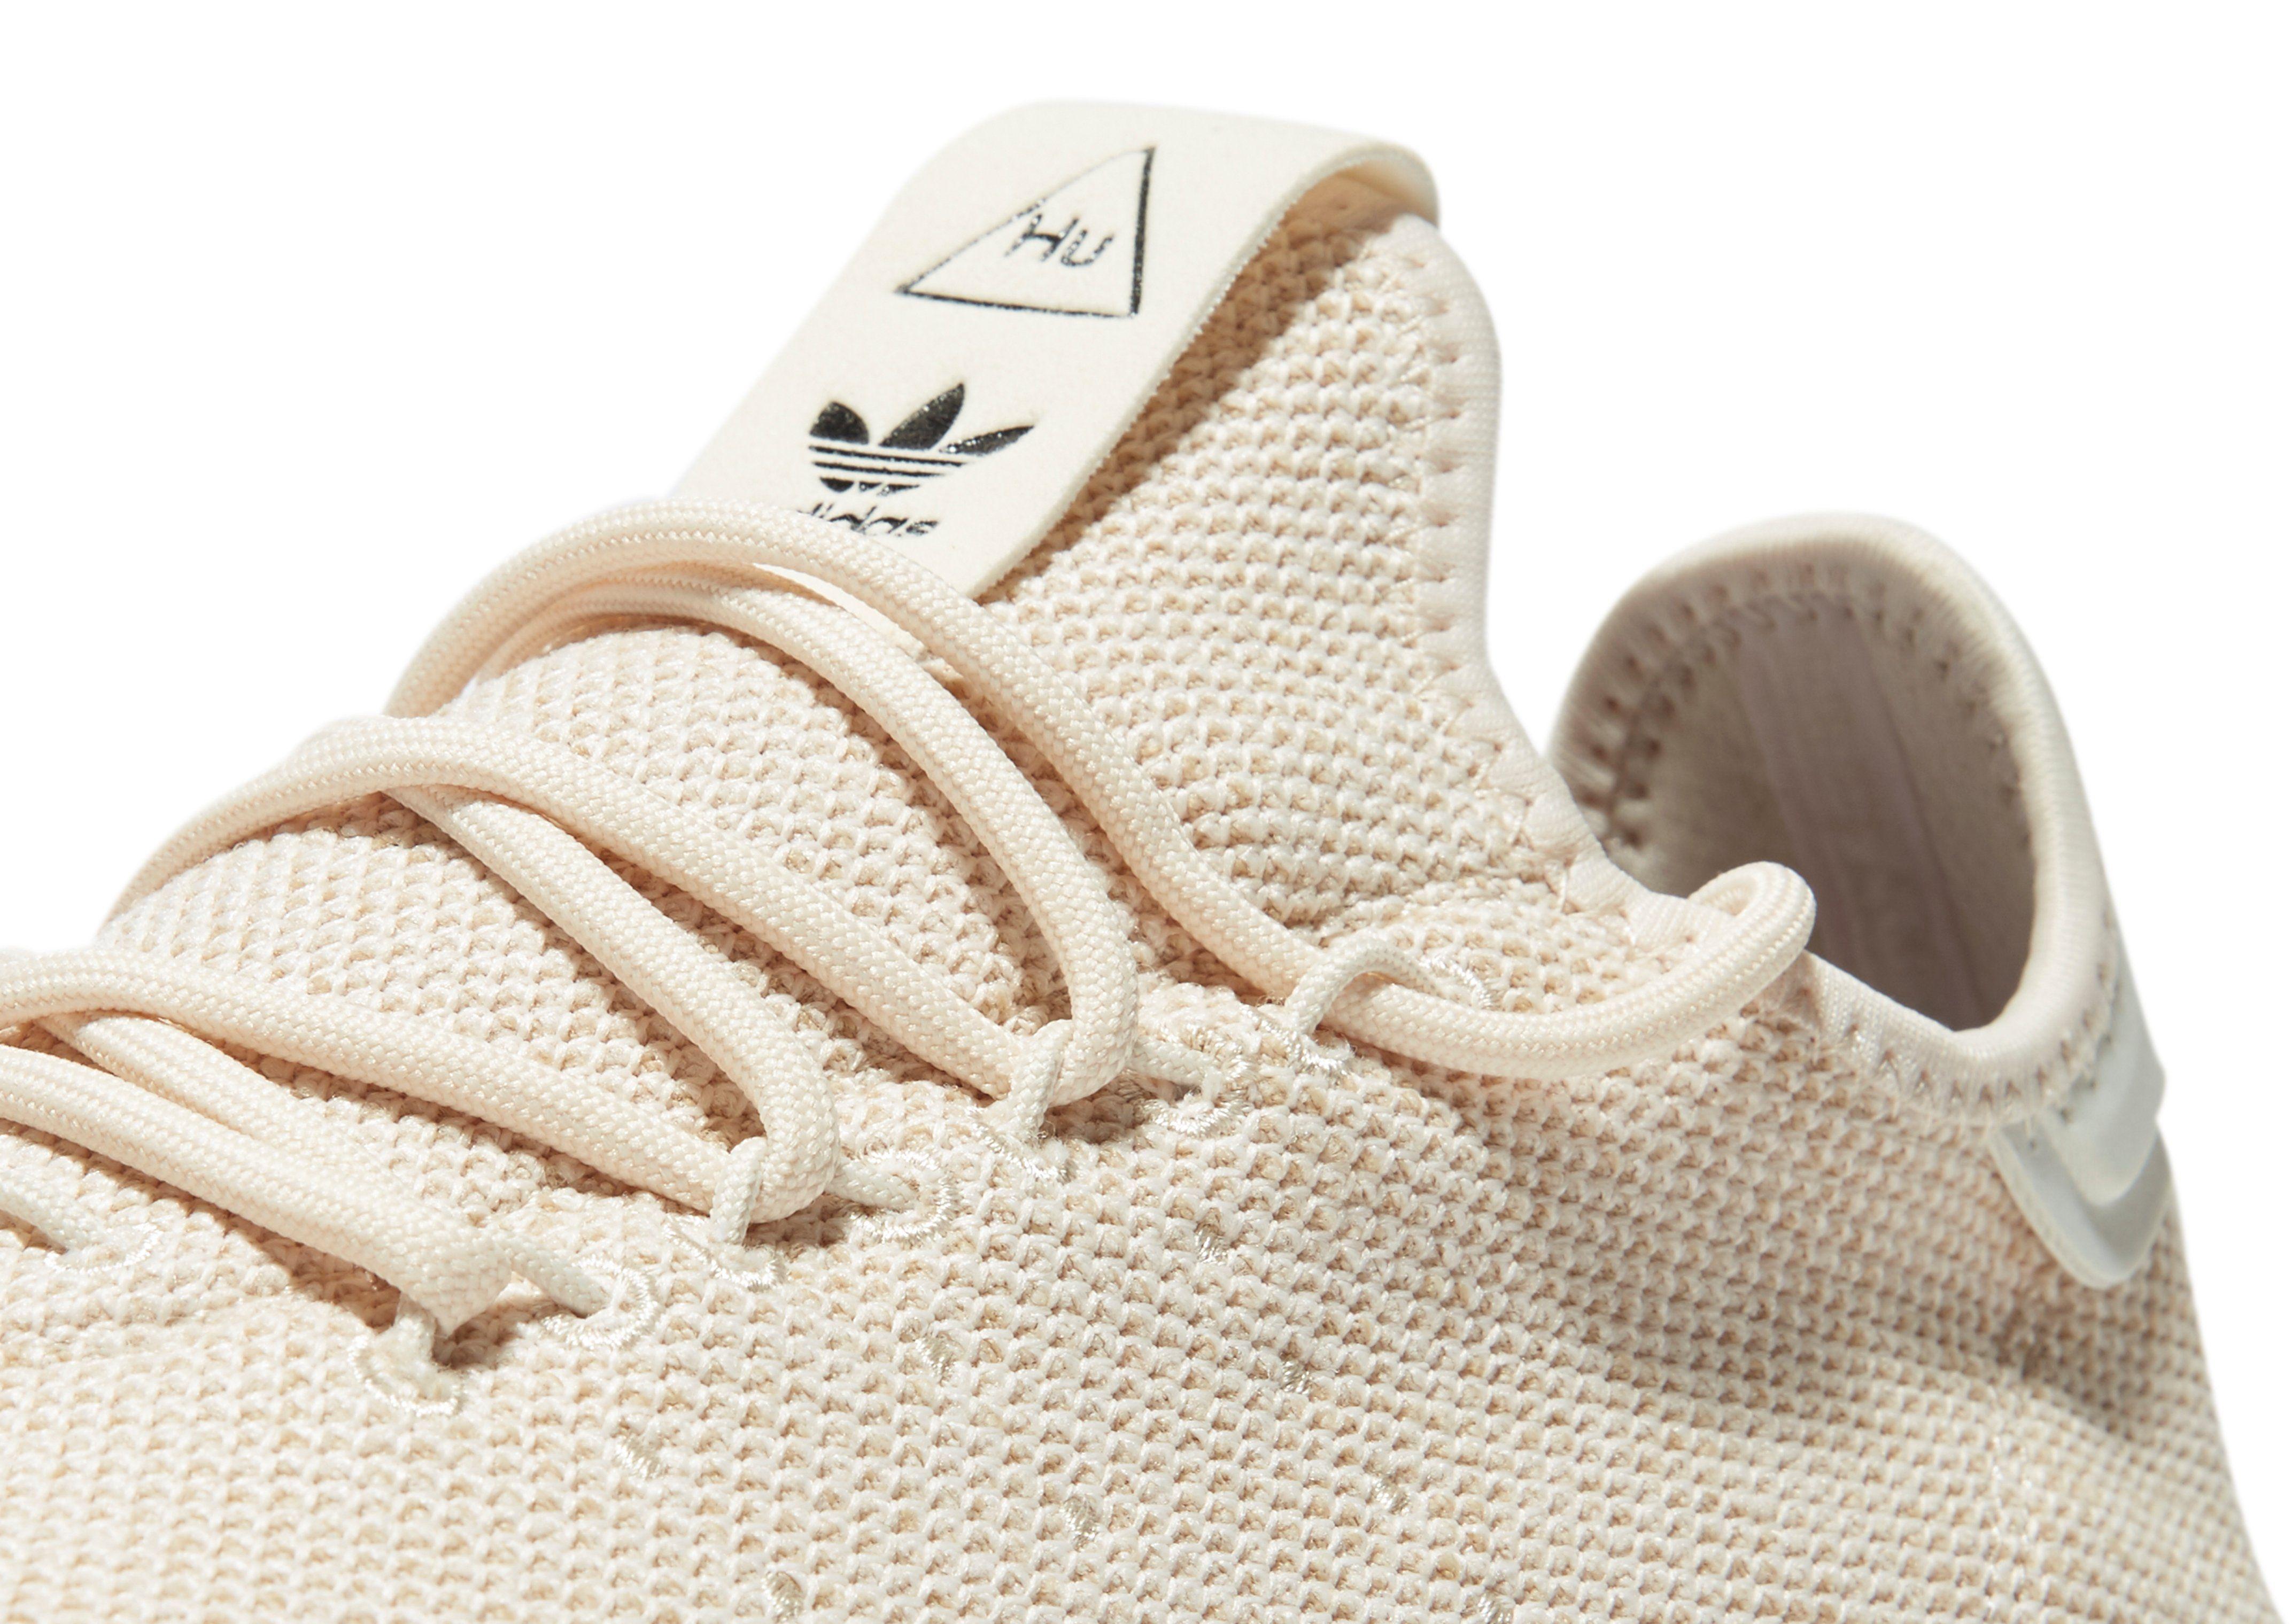 Rabatte Verkauf Online adidas Originals x Pharrell Williams Tennis Hu Weiss Auslasszwischenraum Auslass Größte Lieferant 0GfWR